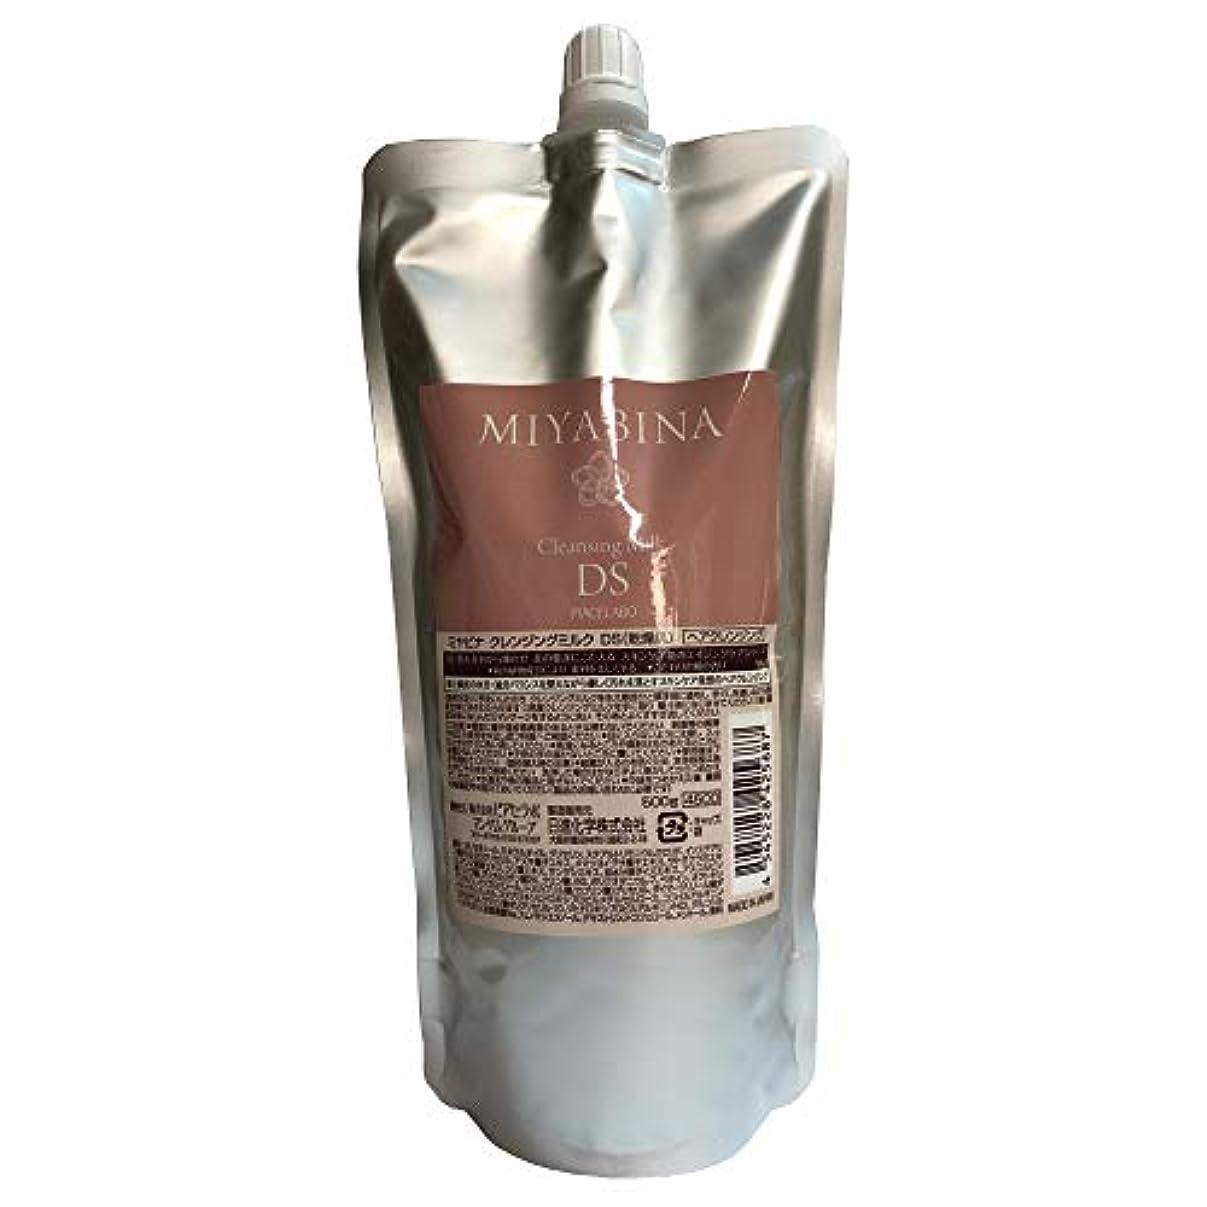 免疫チェス病弱ミヤビナ クレンジングミルク DS(乾燥肌) 500g レフィル(詰め替え)